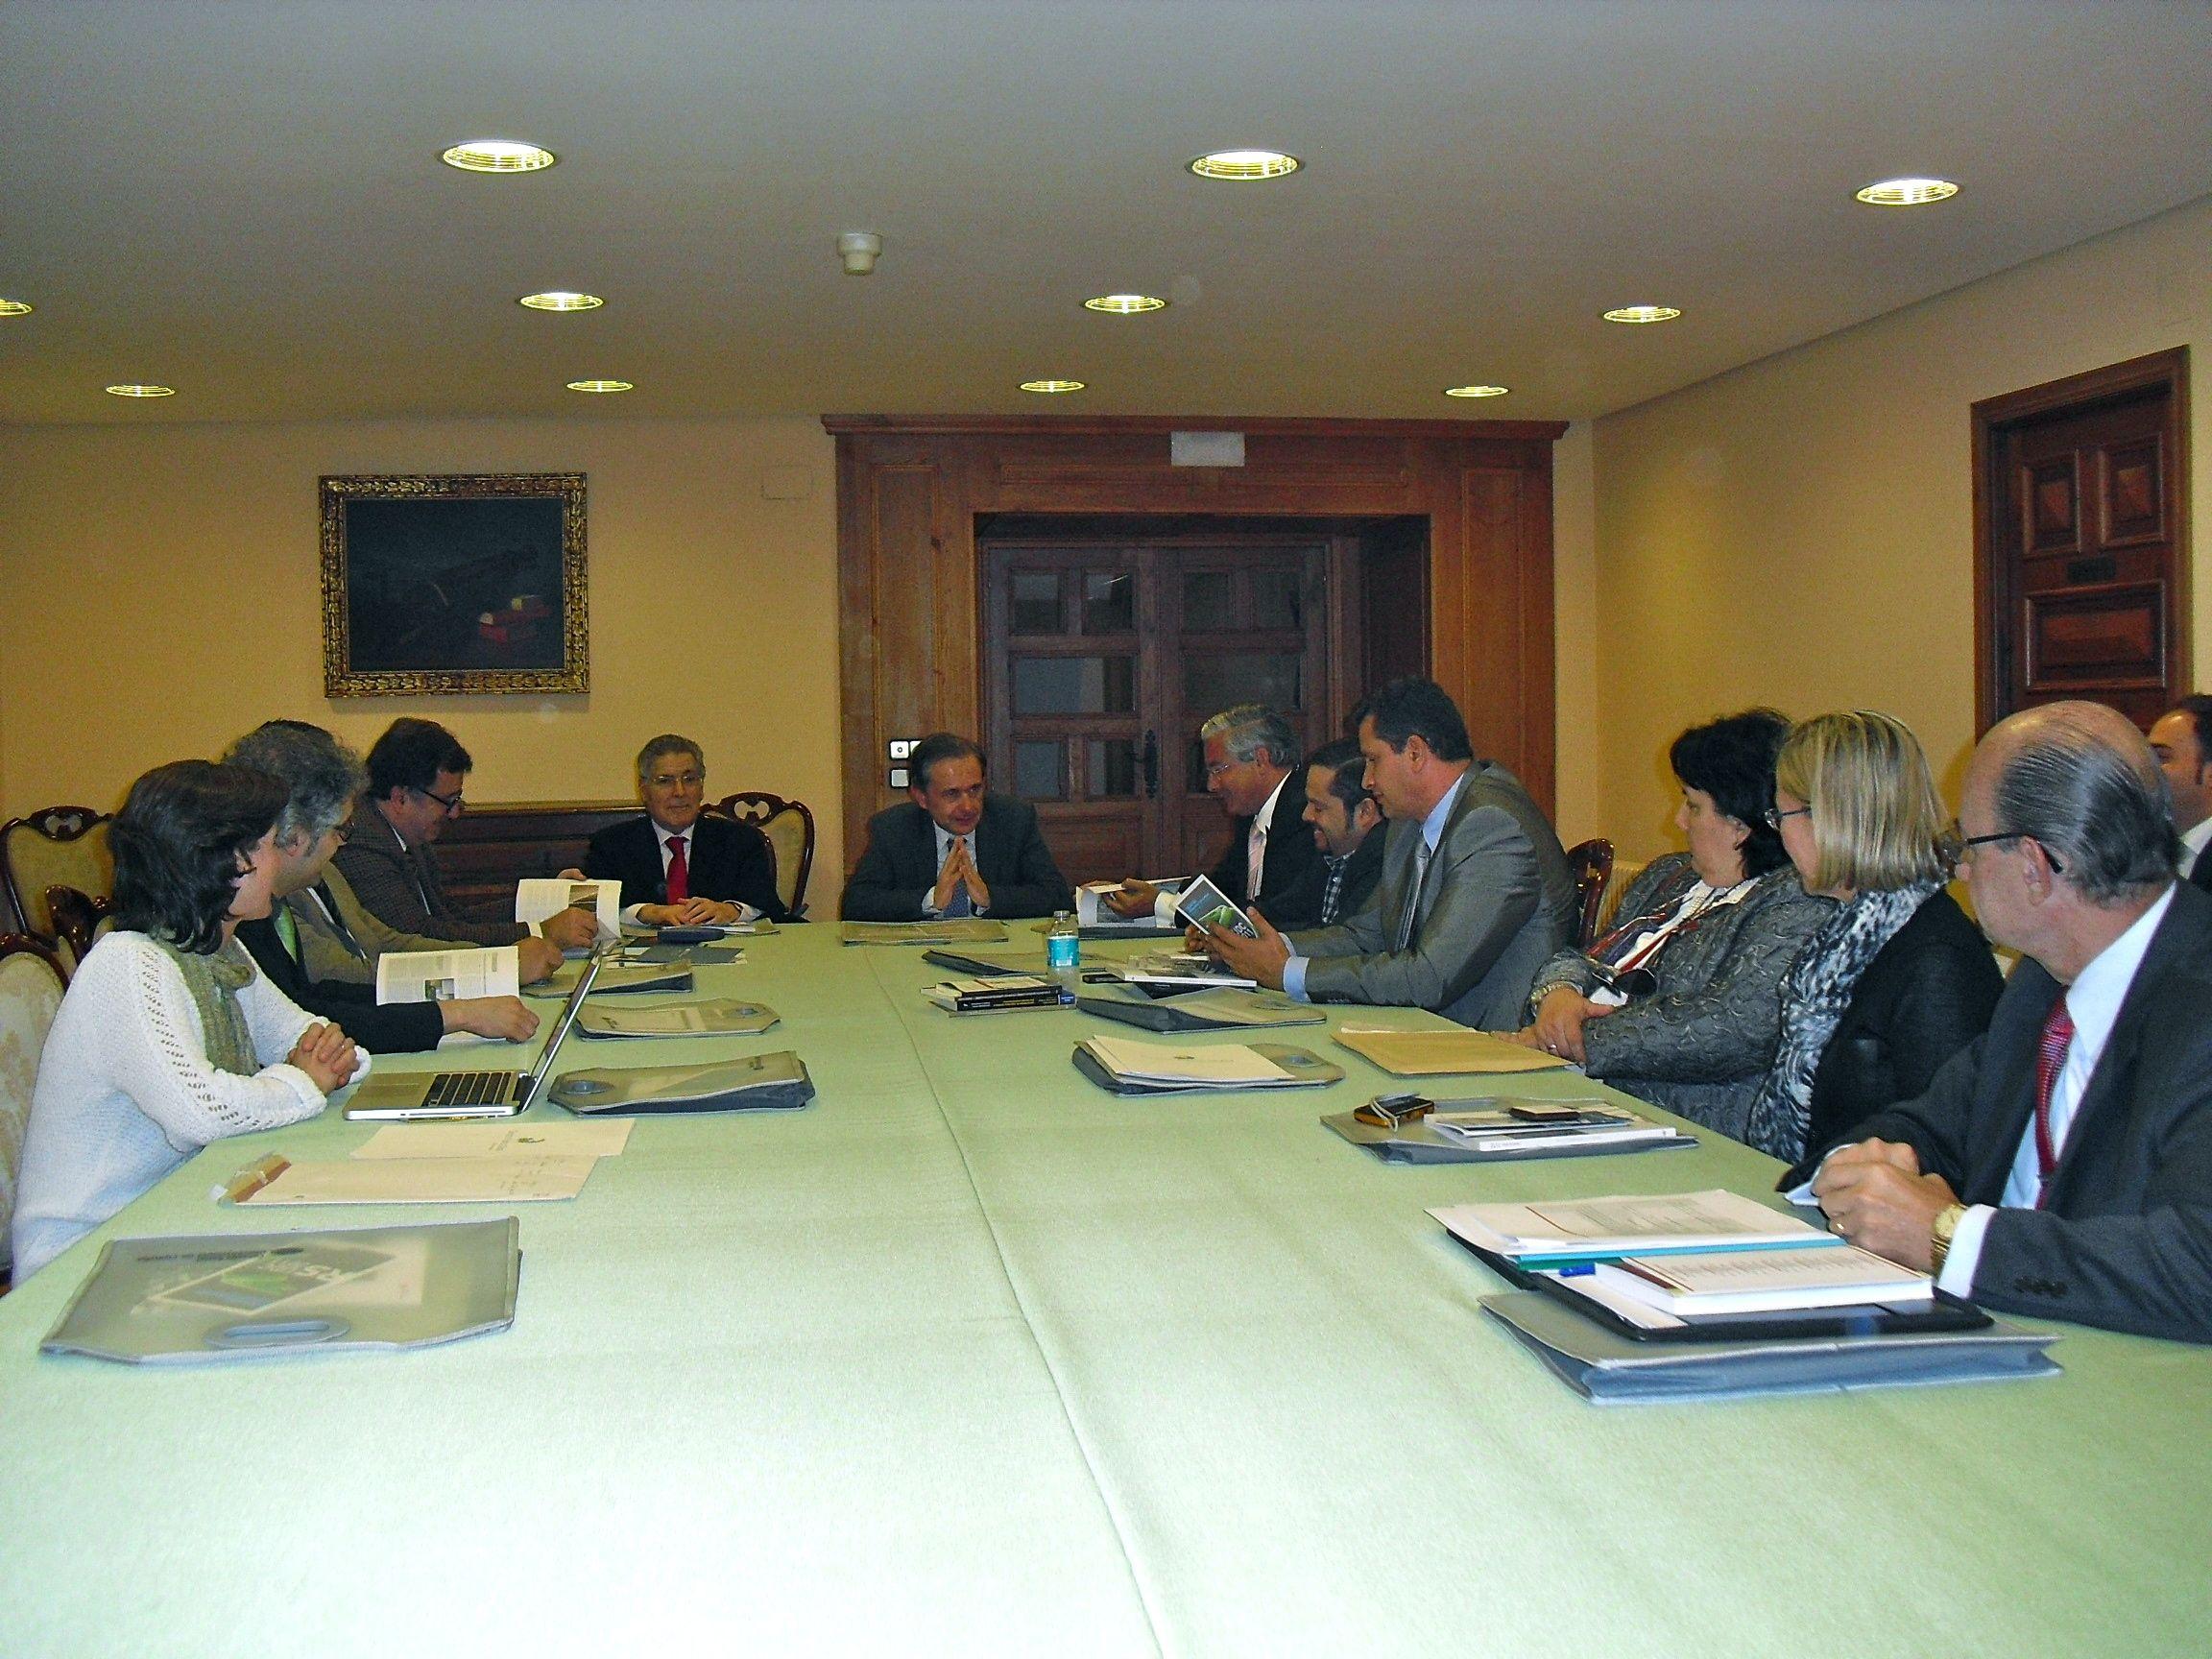 Reunión Constitutiva de la Comisión Académica del Programa de Doctorado, abril de 2013.